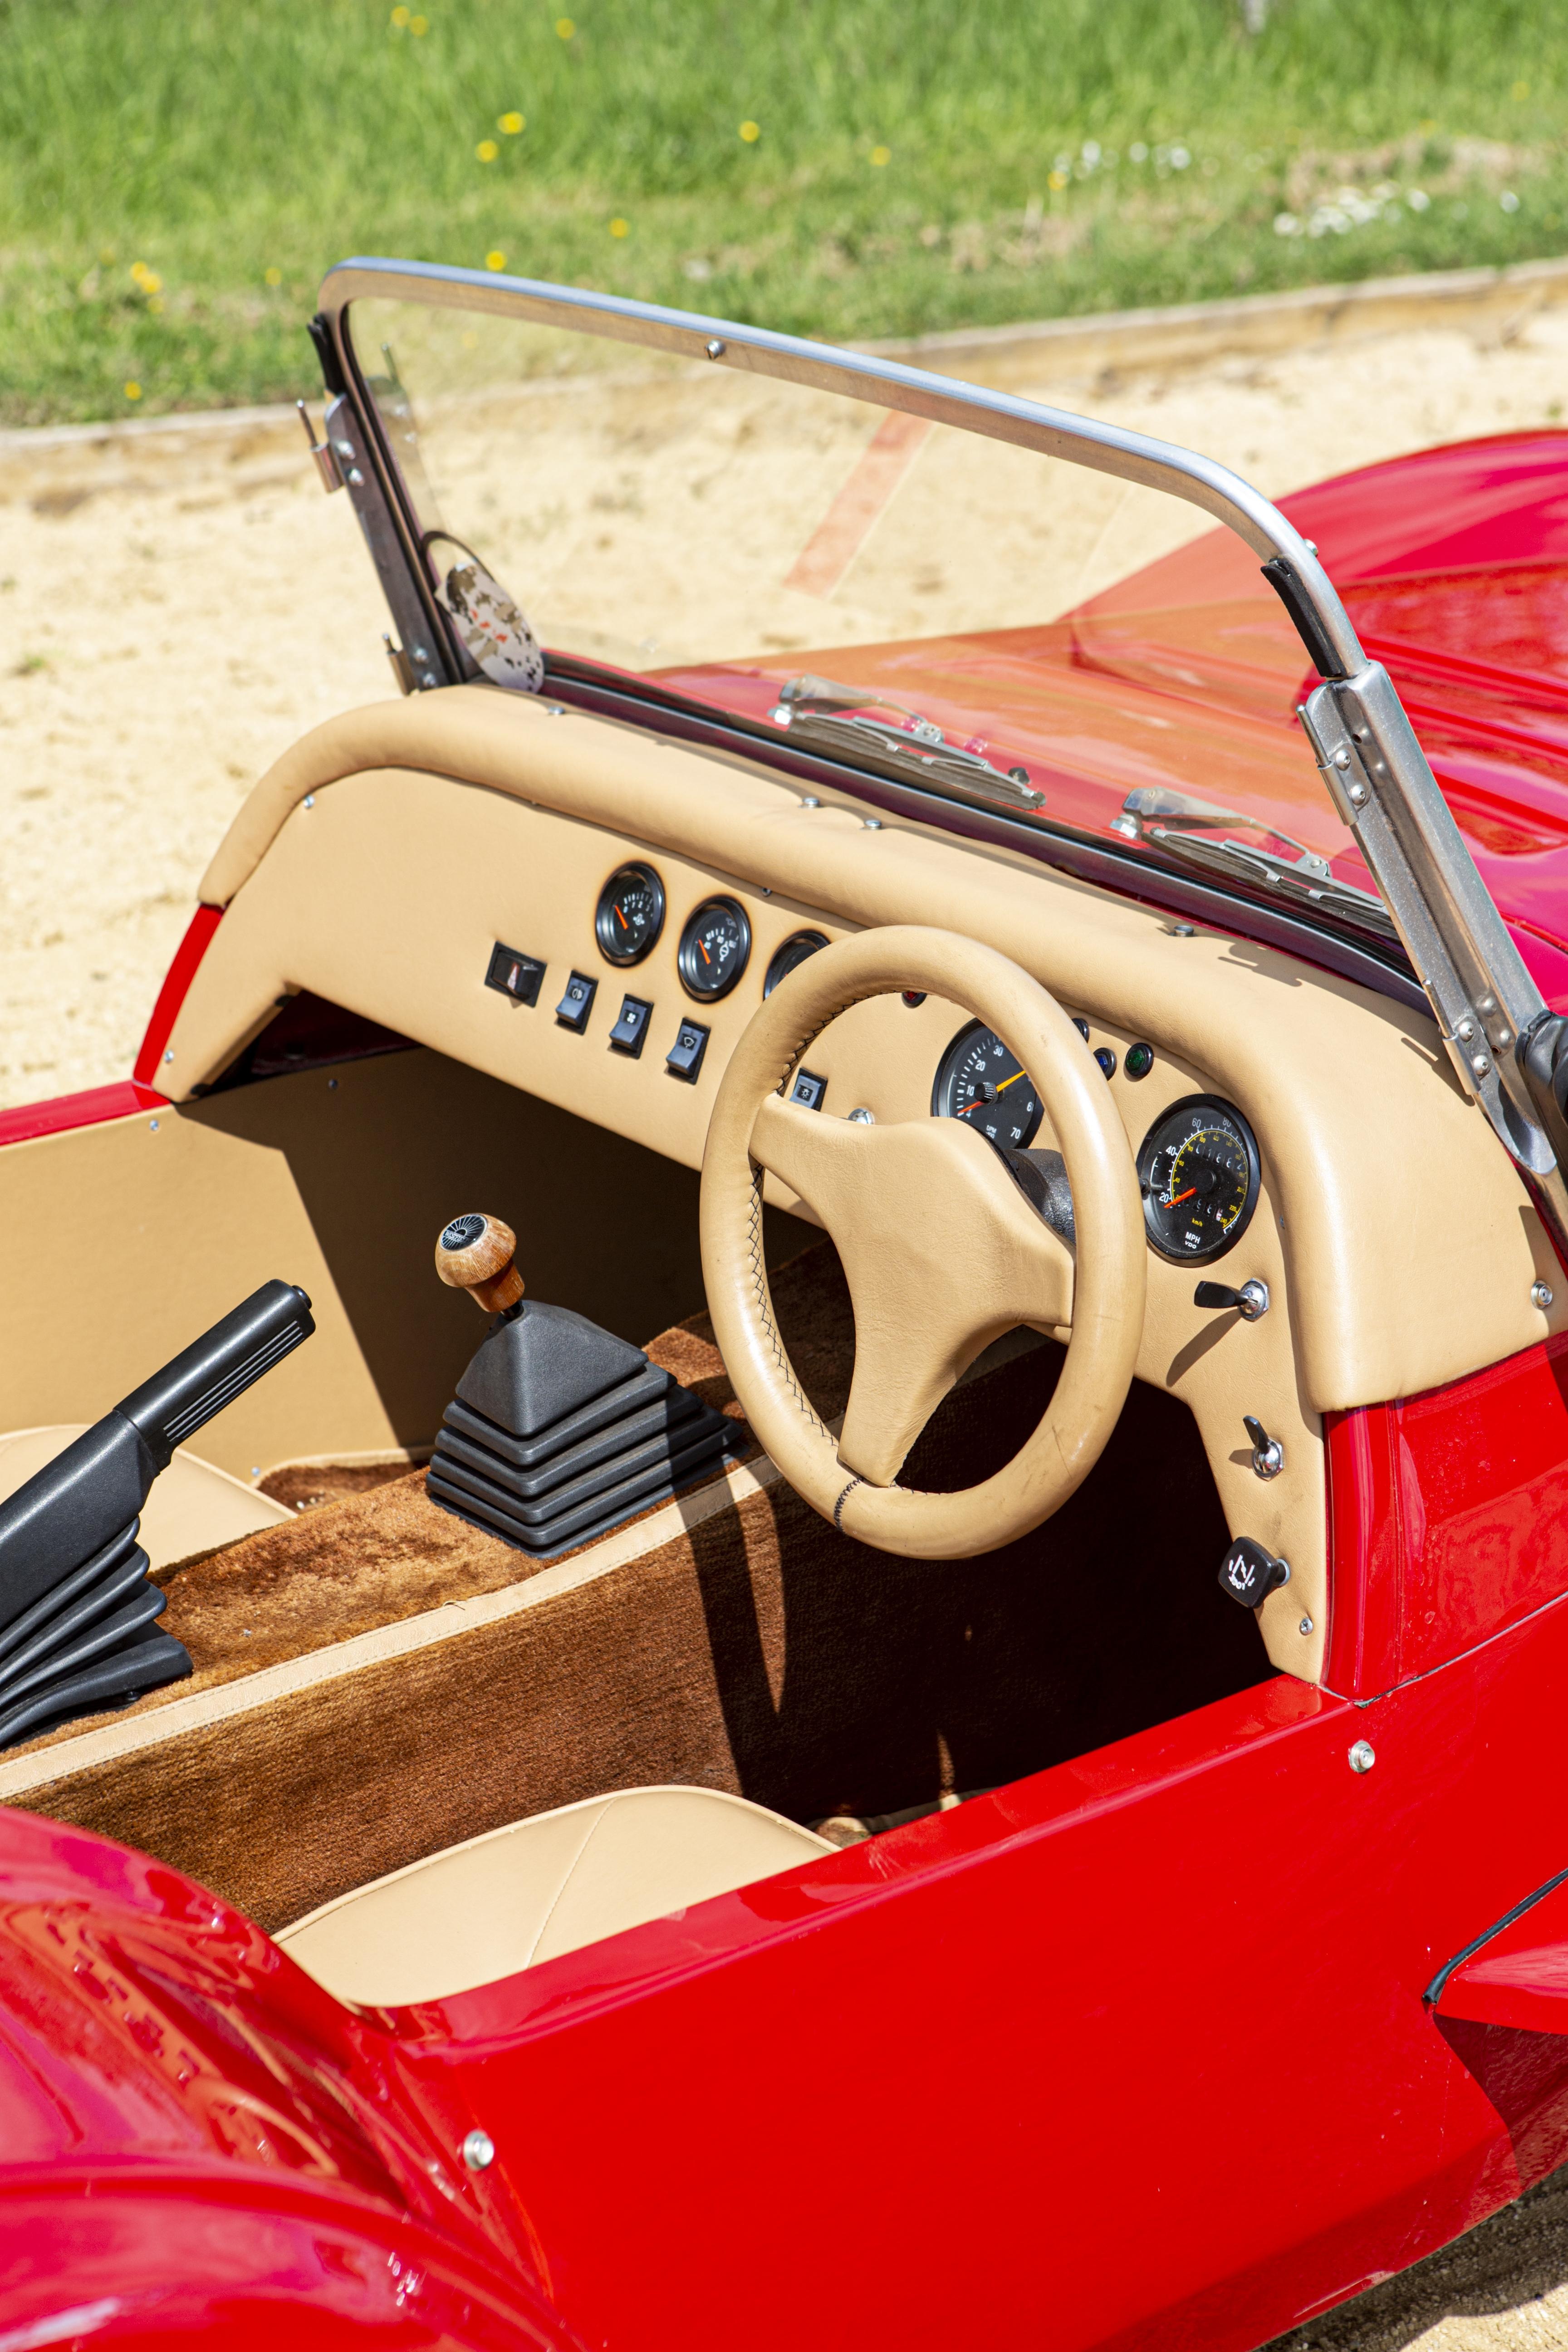 1992 Westfield Chassis no. 92WS1208 - Bild 6 aus 18